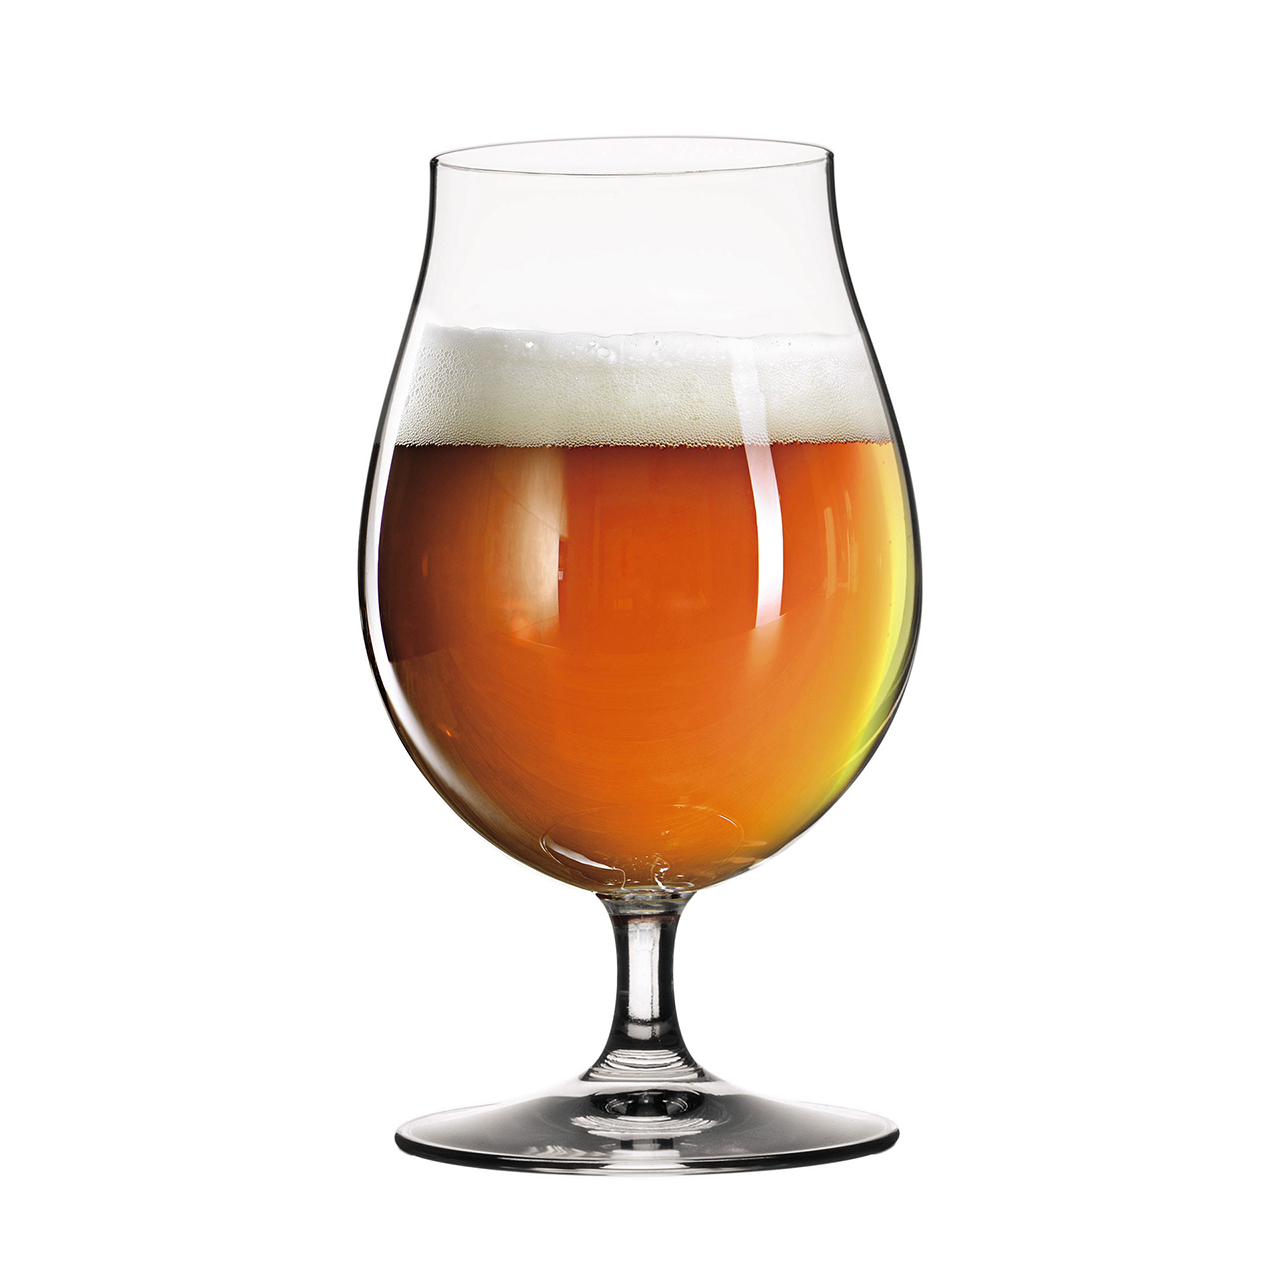 20_4991974_2 【クラフトビール好き必見】よなよなエールご担当者に聞く、アウトドア料理に合うビール7選!